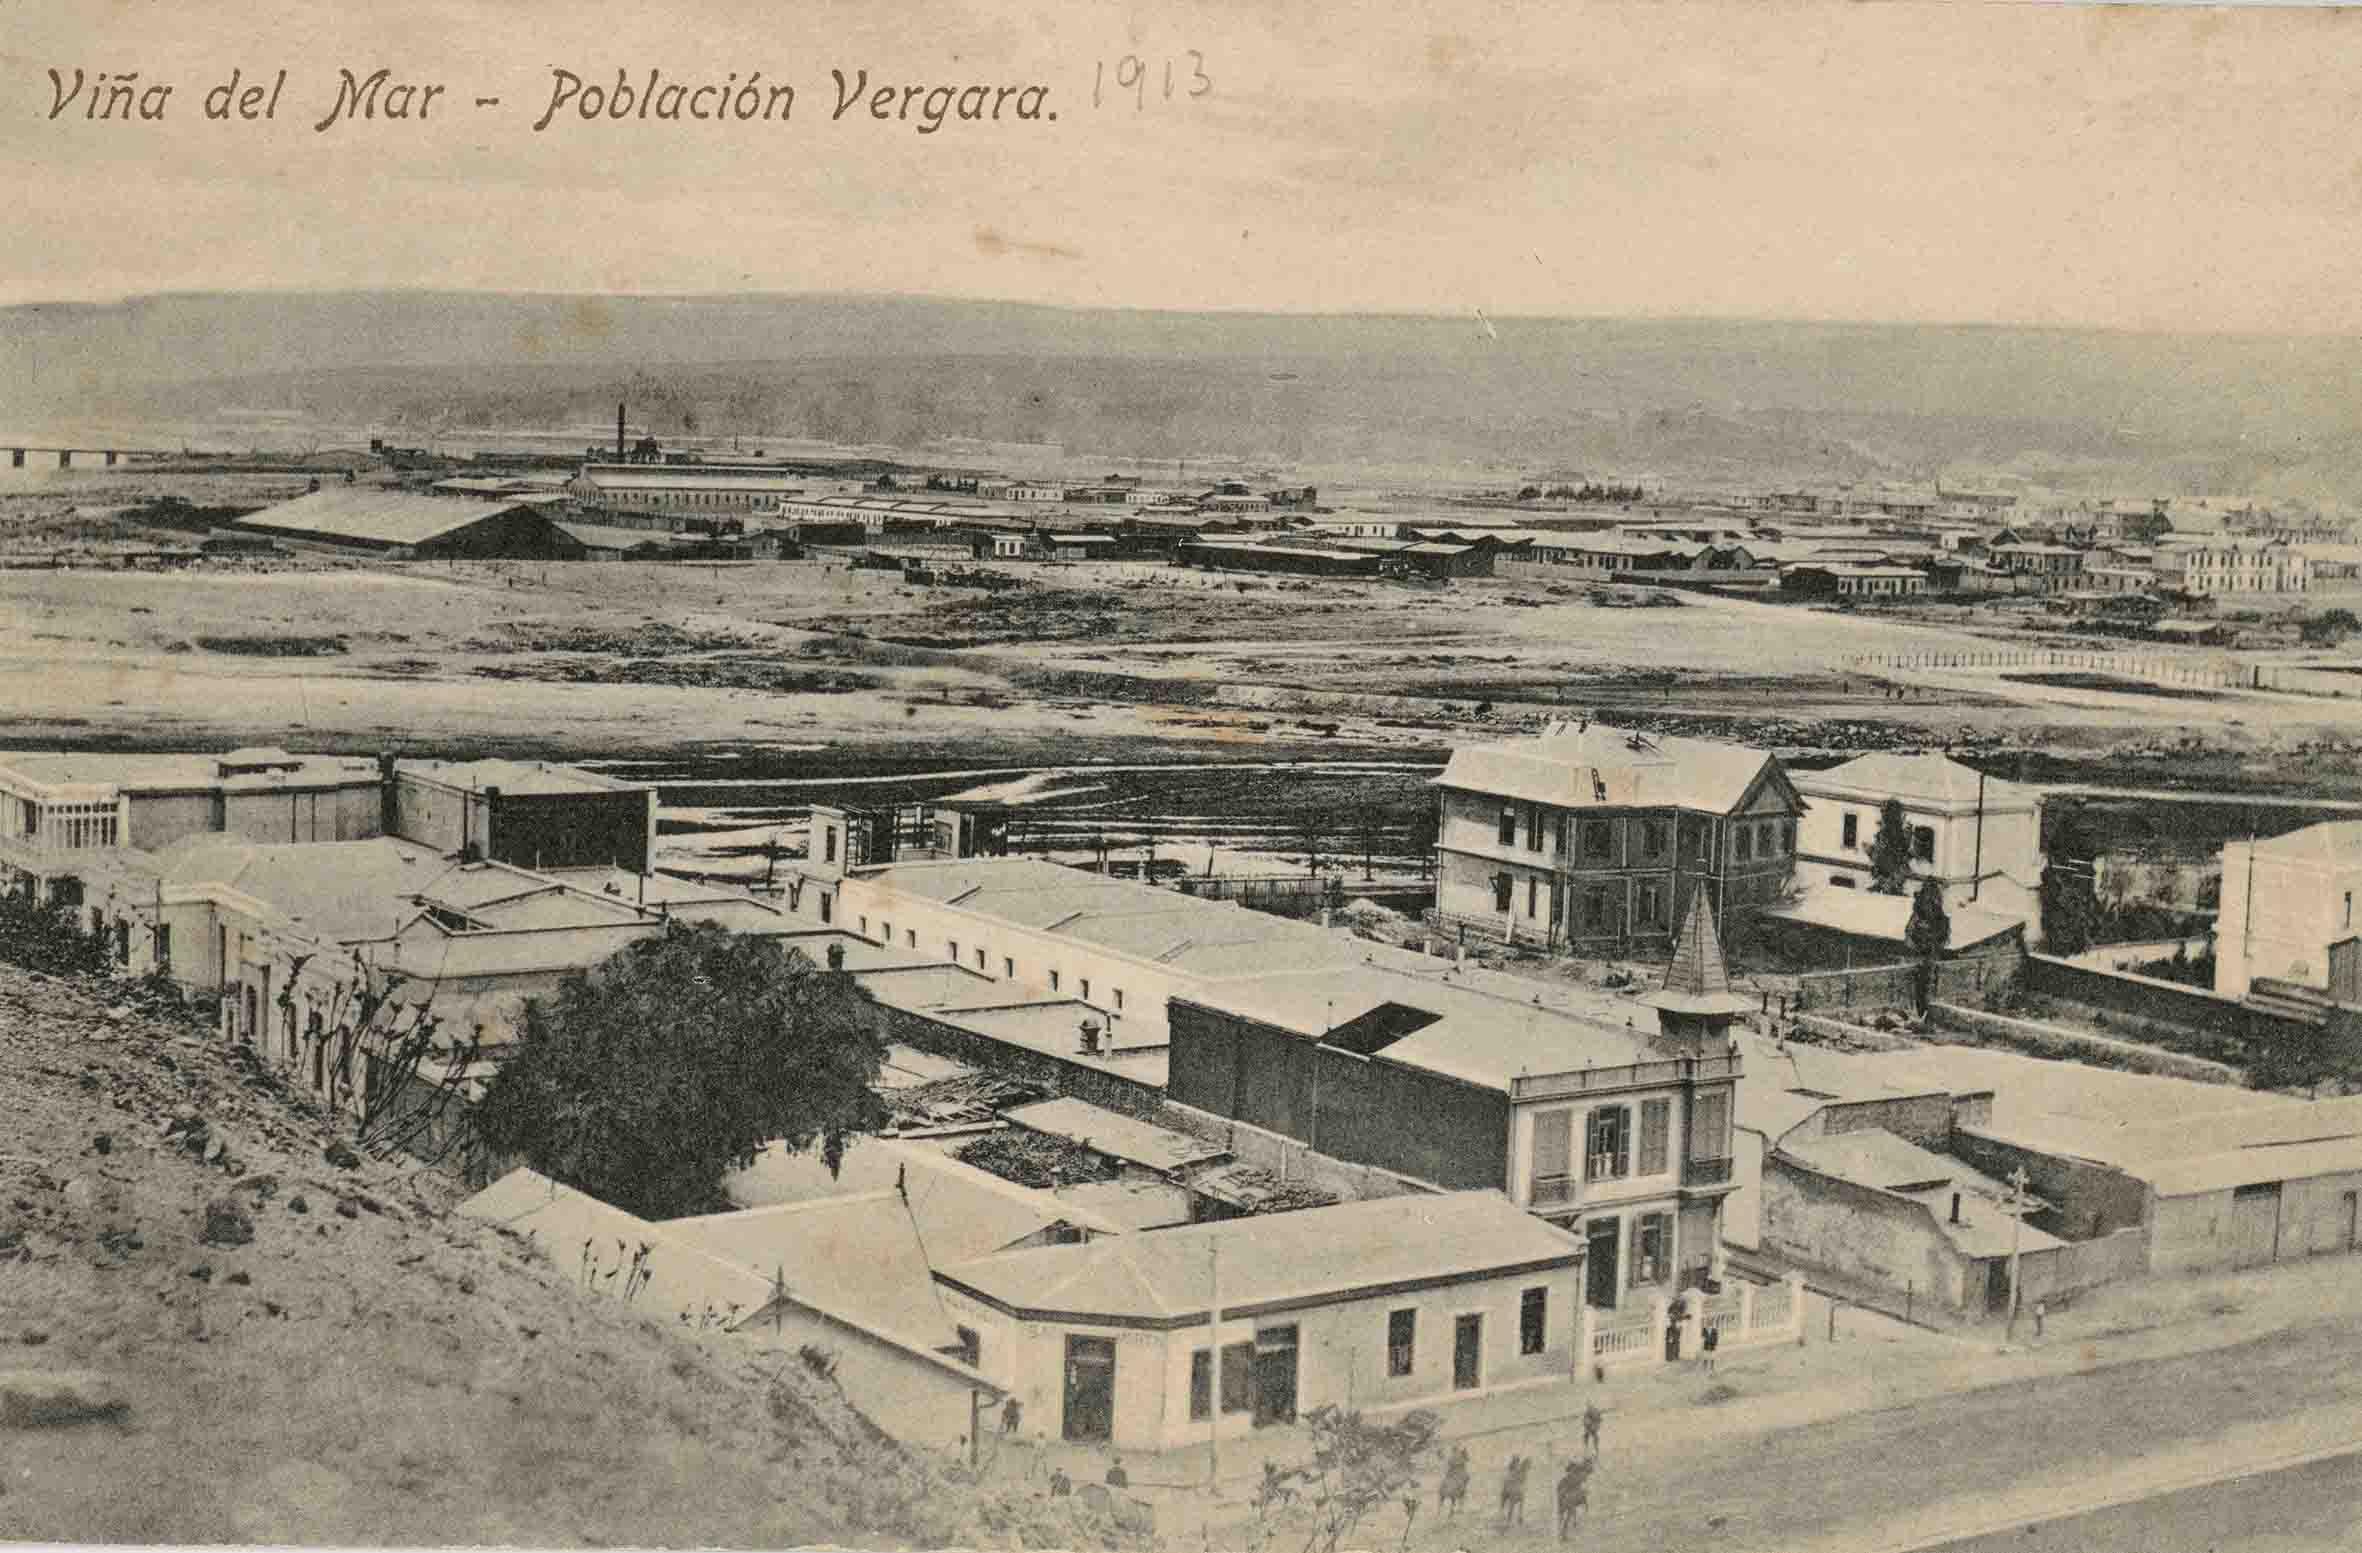 Enterreno - Fotos históricas de chile - fotos antiguas de Chile - Población Vergara de Viña del Mar en 1913